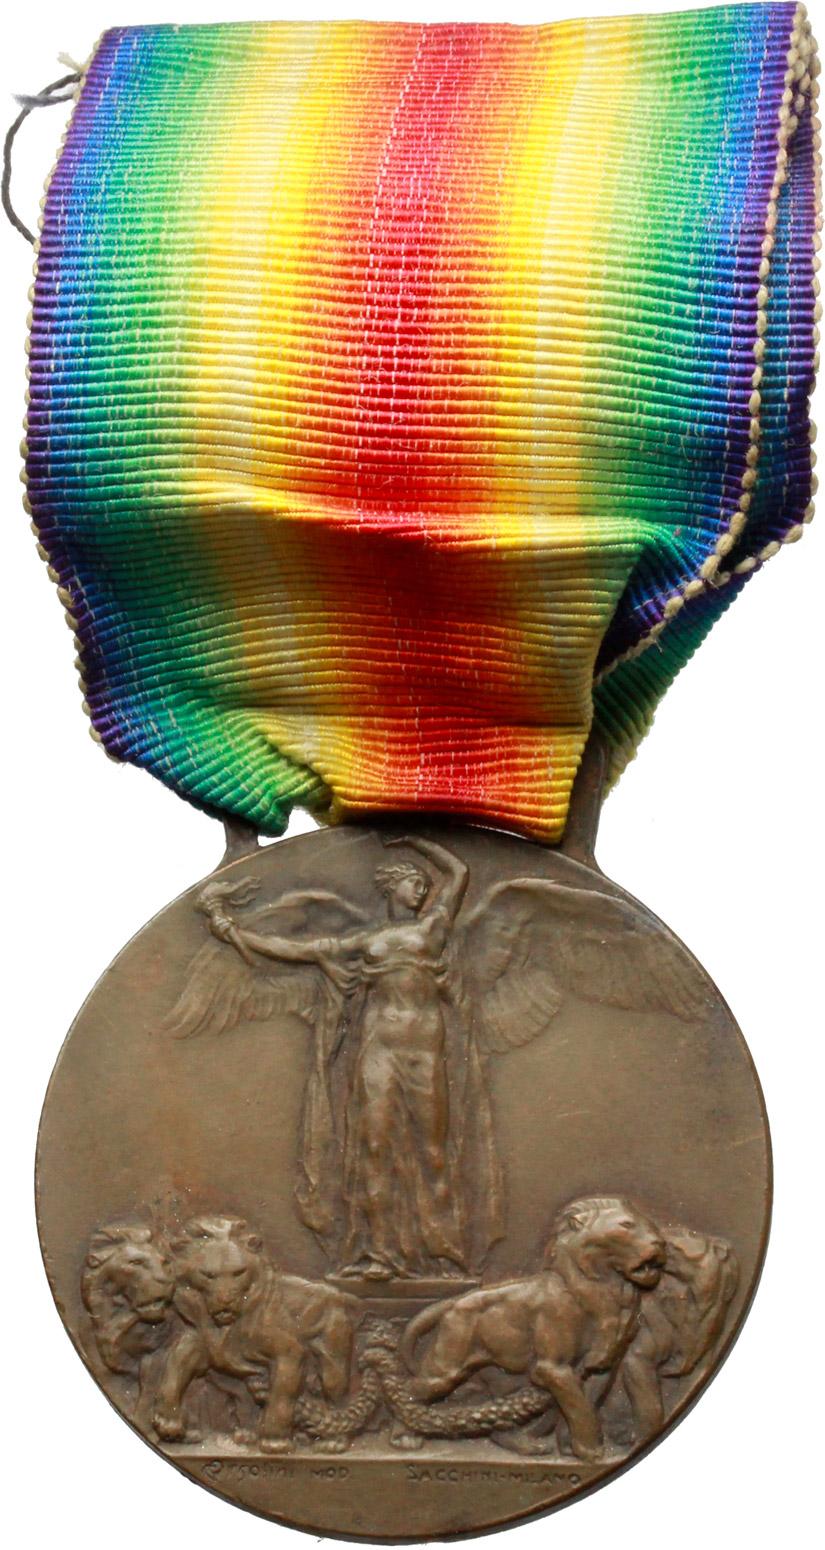 D/ Vittorio Emanuele III (1900-1943). Medaglia con nastrino ai combattenti e alle nazioni alleate ed associate. Grande Guerra per la civiltà, MCMXIV-MCMXVIII.     AE.   mm. 36.00 Inc. Ugolini-Sacchini.   SPL.